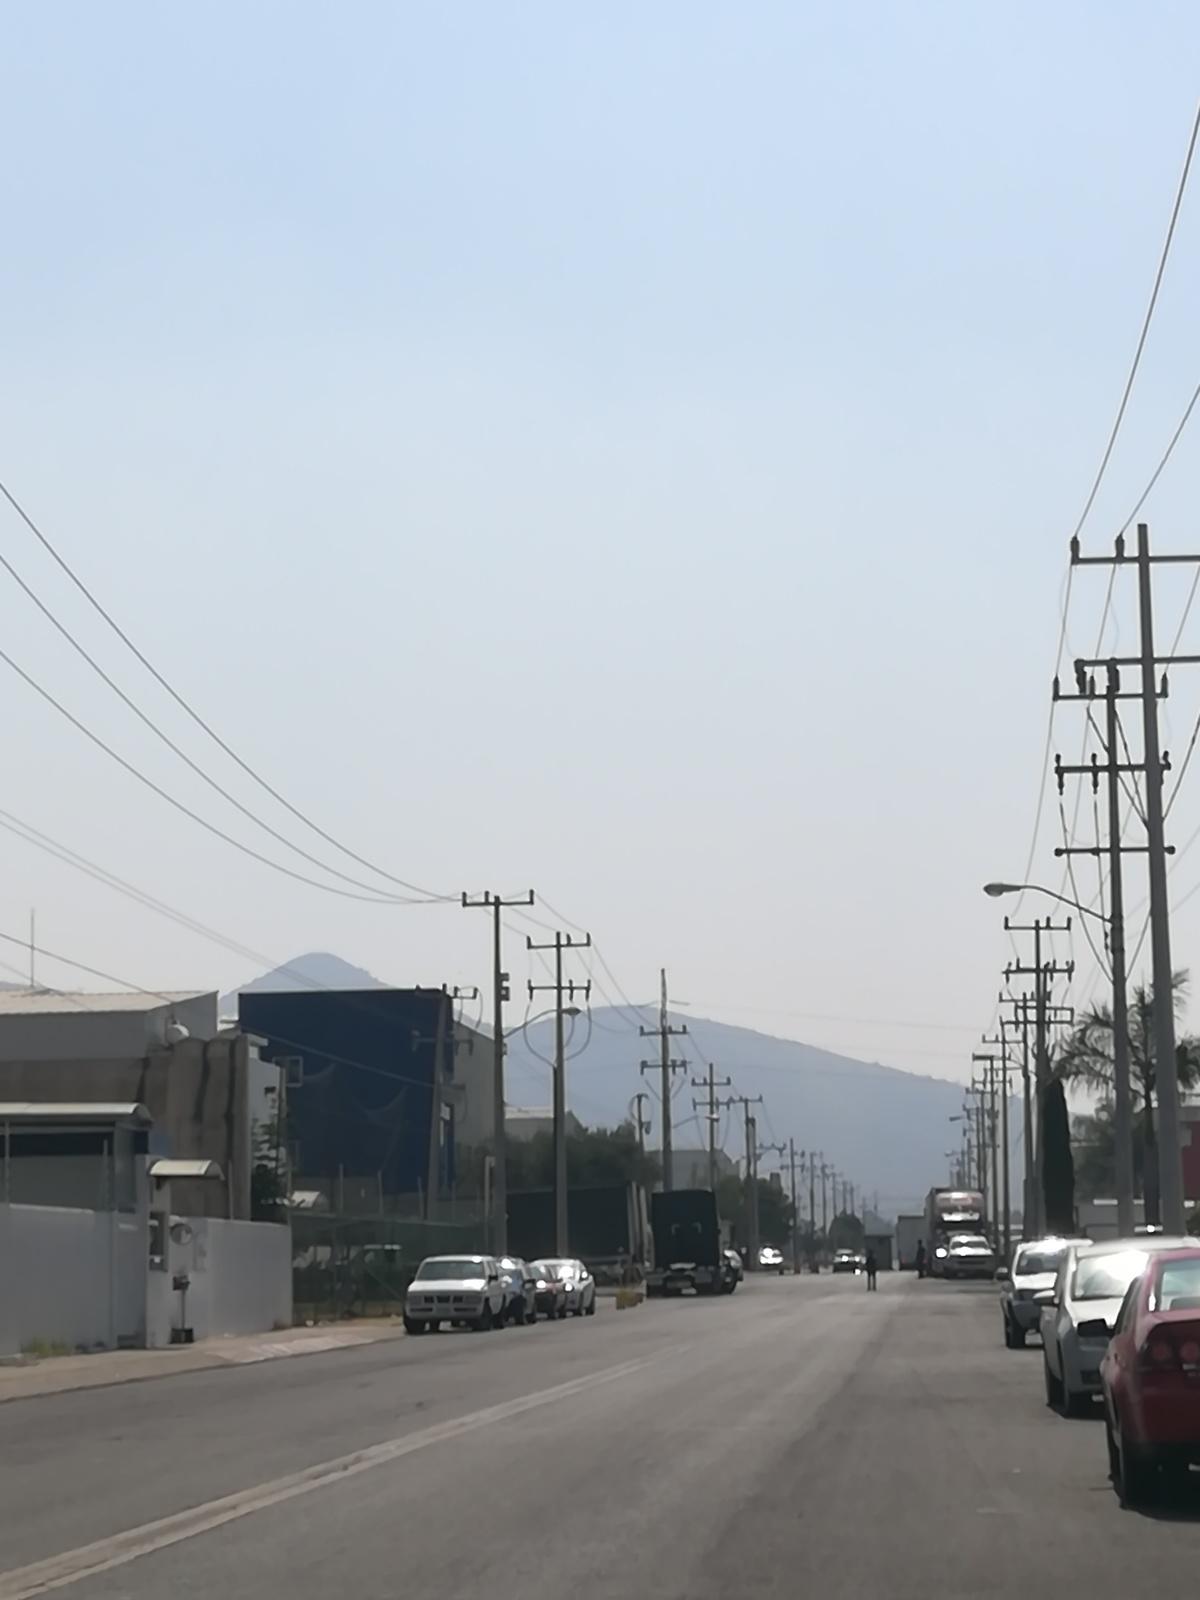 18 de 19: Acceso al parque Industrial con vigilancia